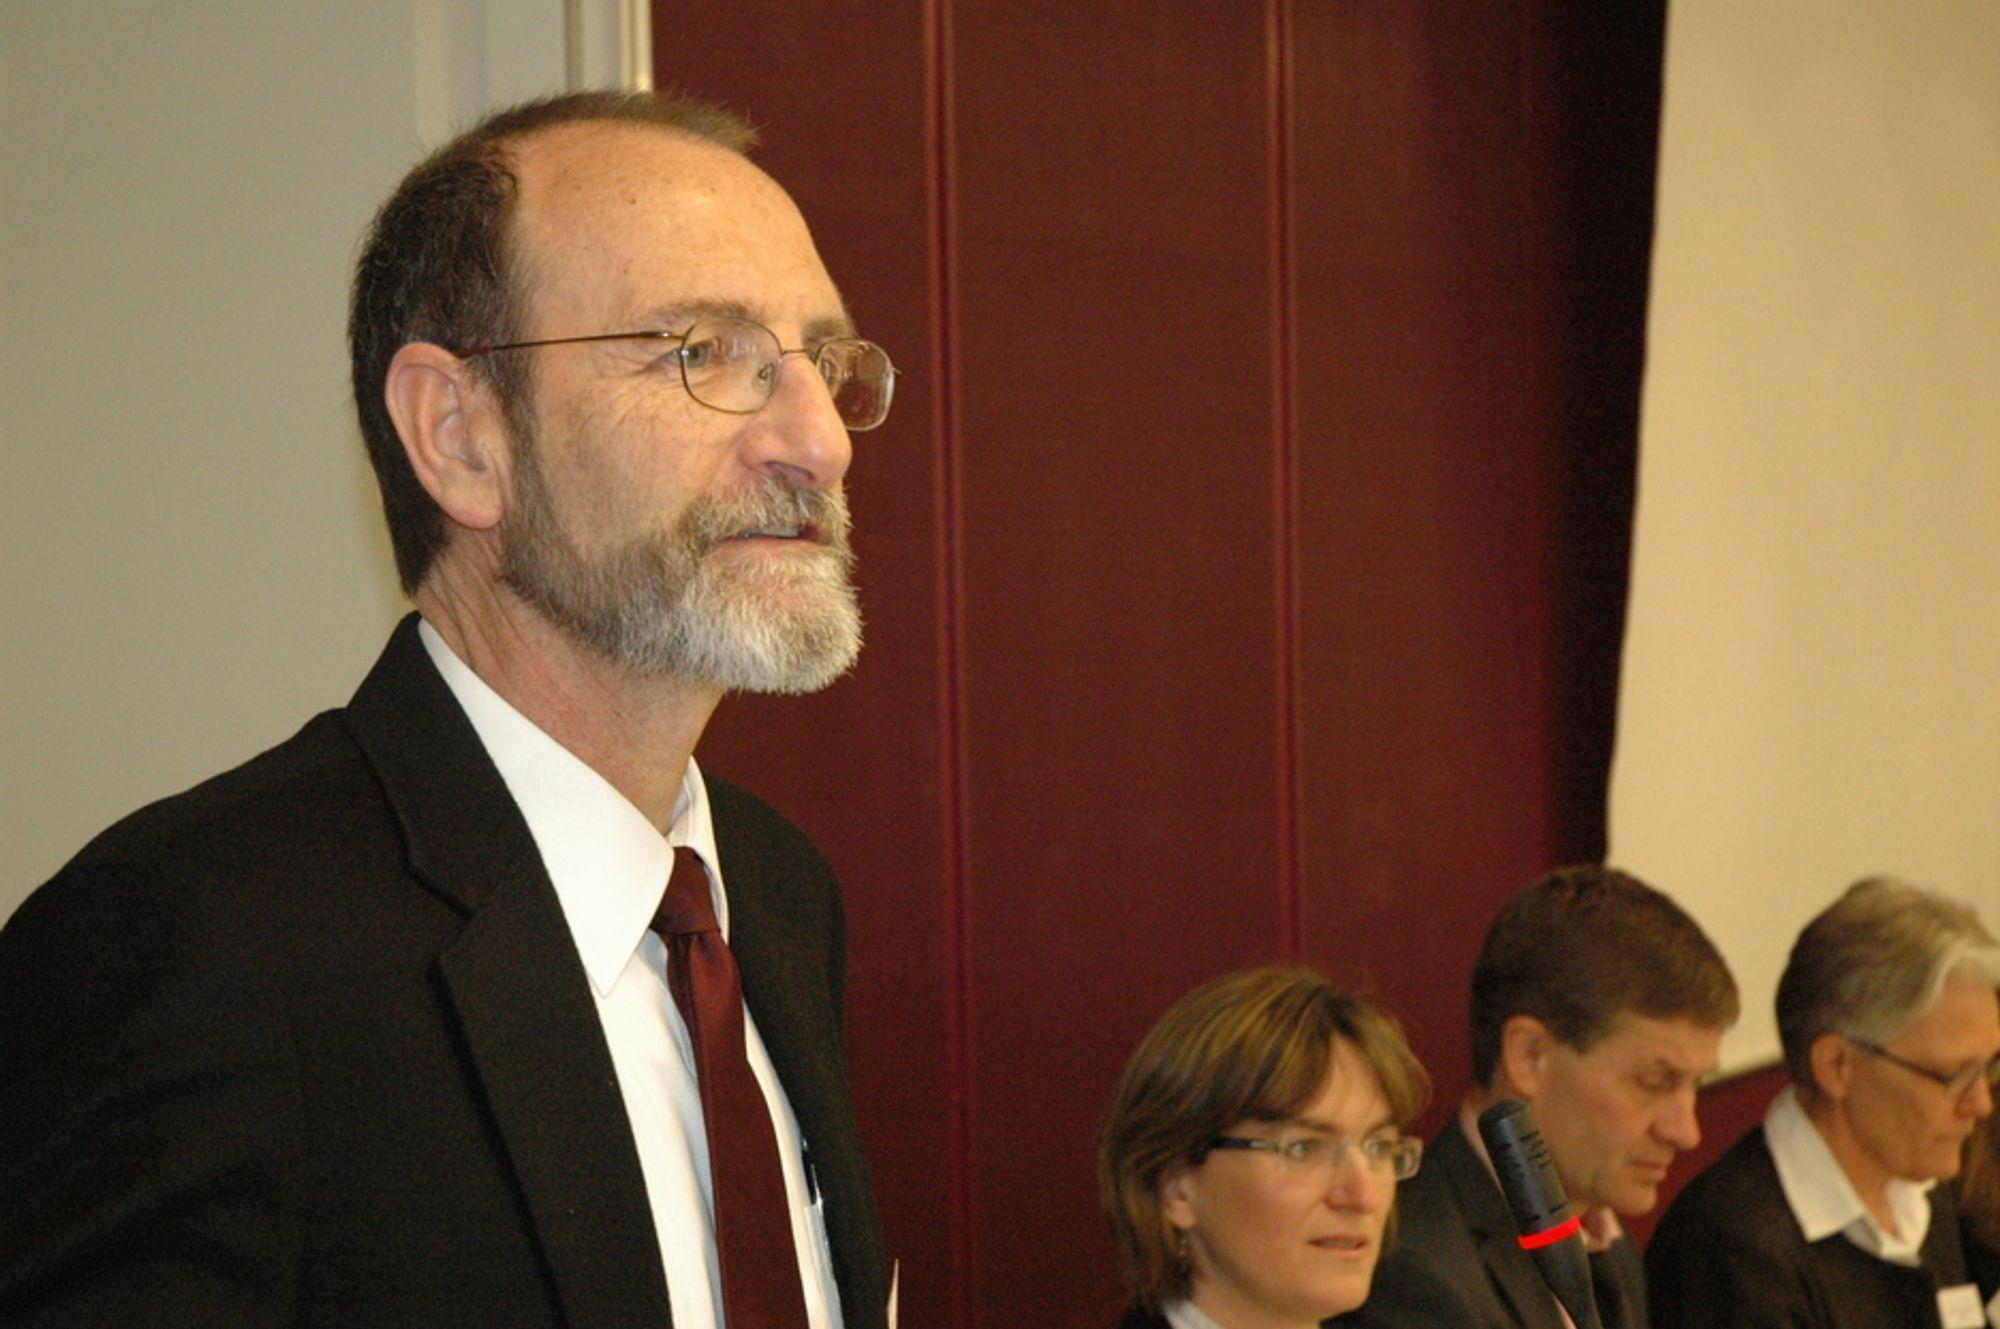 VARMT: - Det blir flere hetebølger, sier Christopher Field ved Carnegie Institution for Science, USA. Han er en av lederne for arbeidsgruppe 2 under FNs klimapanel, som skal se på ekstremvær og følger av klimaendringer.